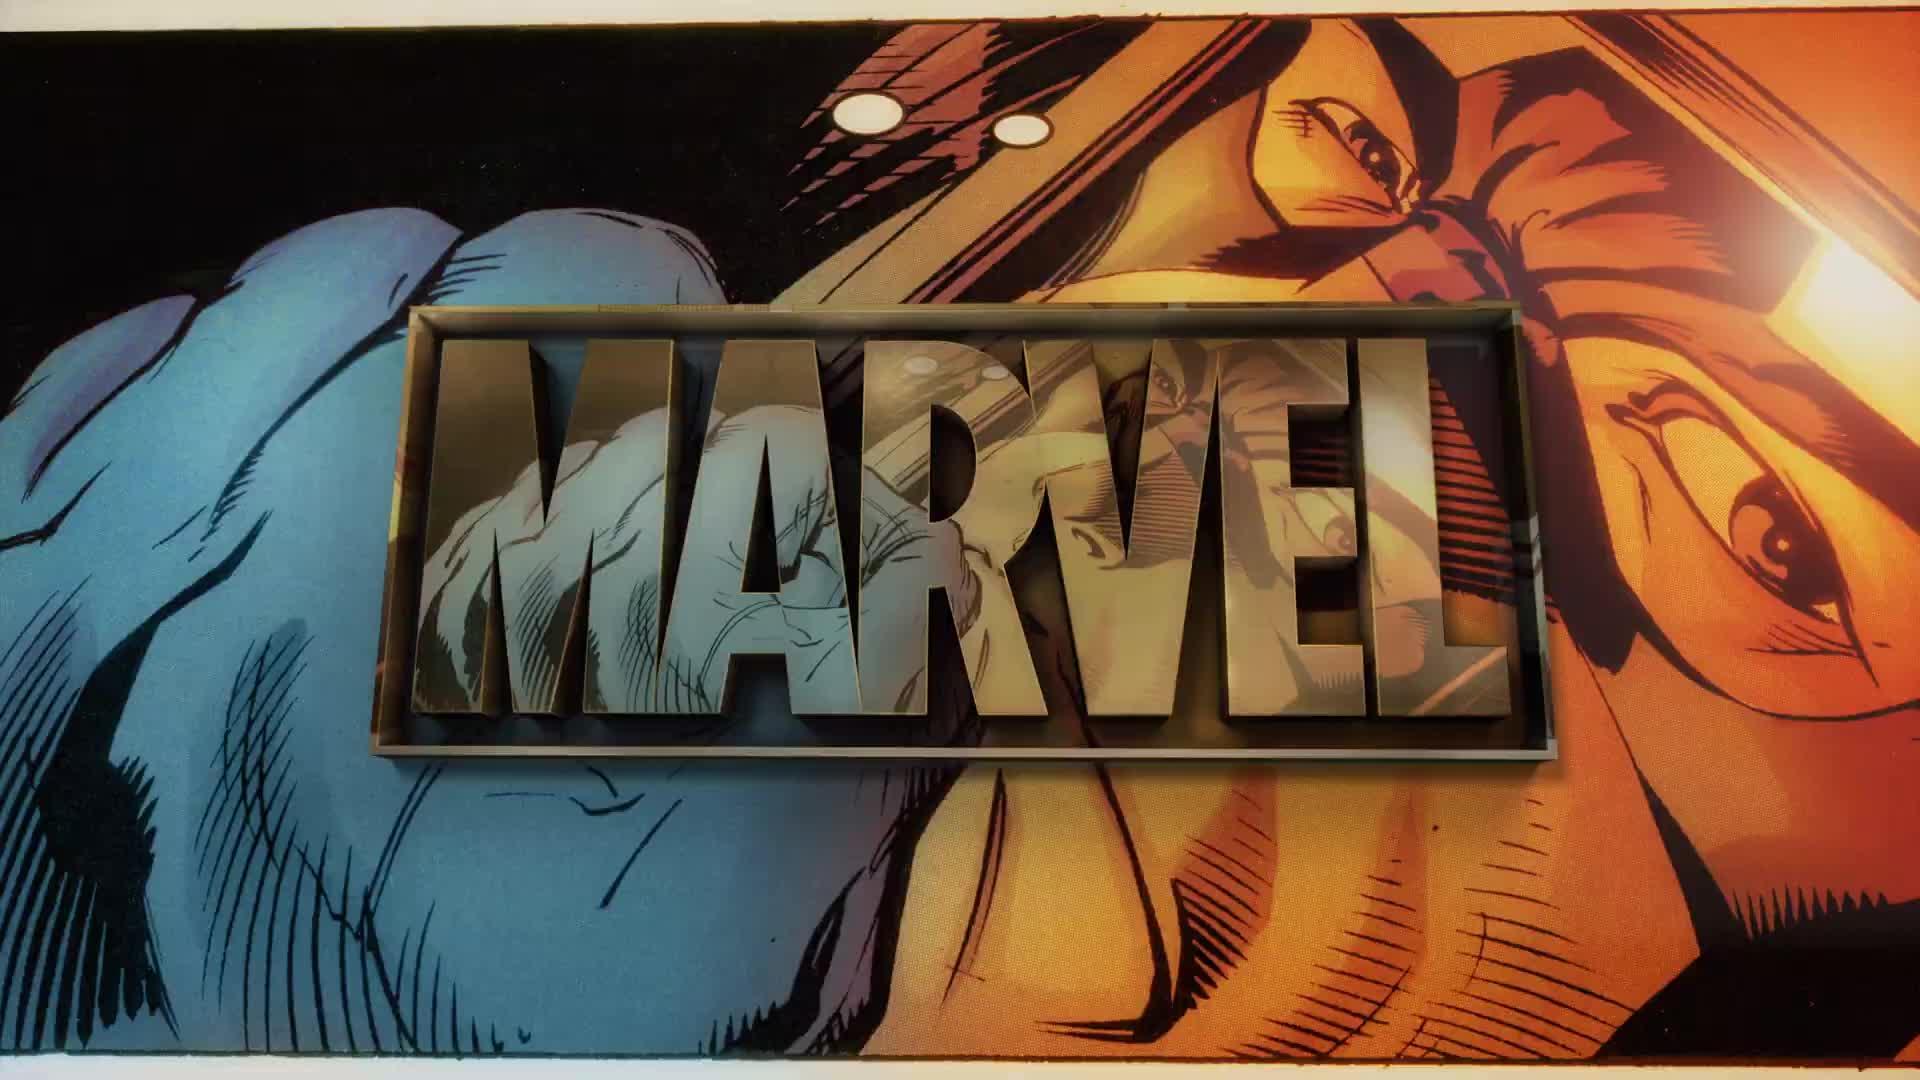 Trailer, Konsole, Sony, Spielekonsole, PlayStation 5, ps5, Spider-Man, Spiderman, Spider-Man: Miles Morales, Spiderman: Miles Morales